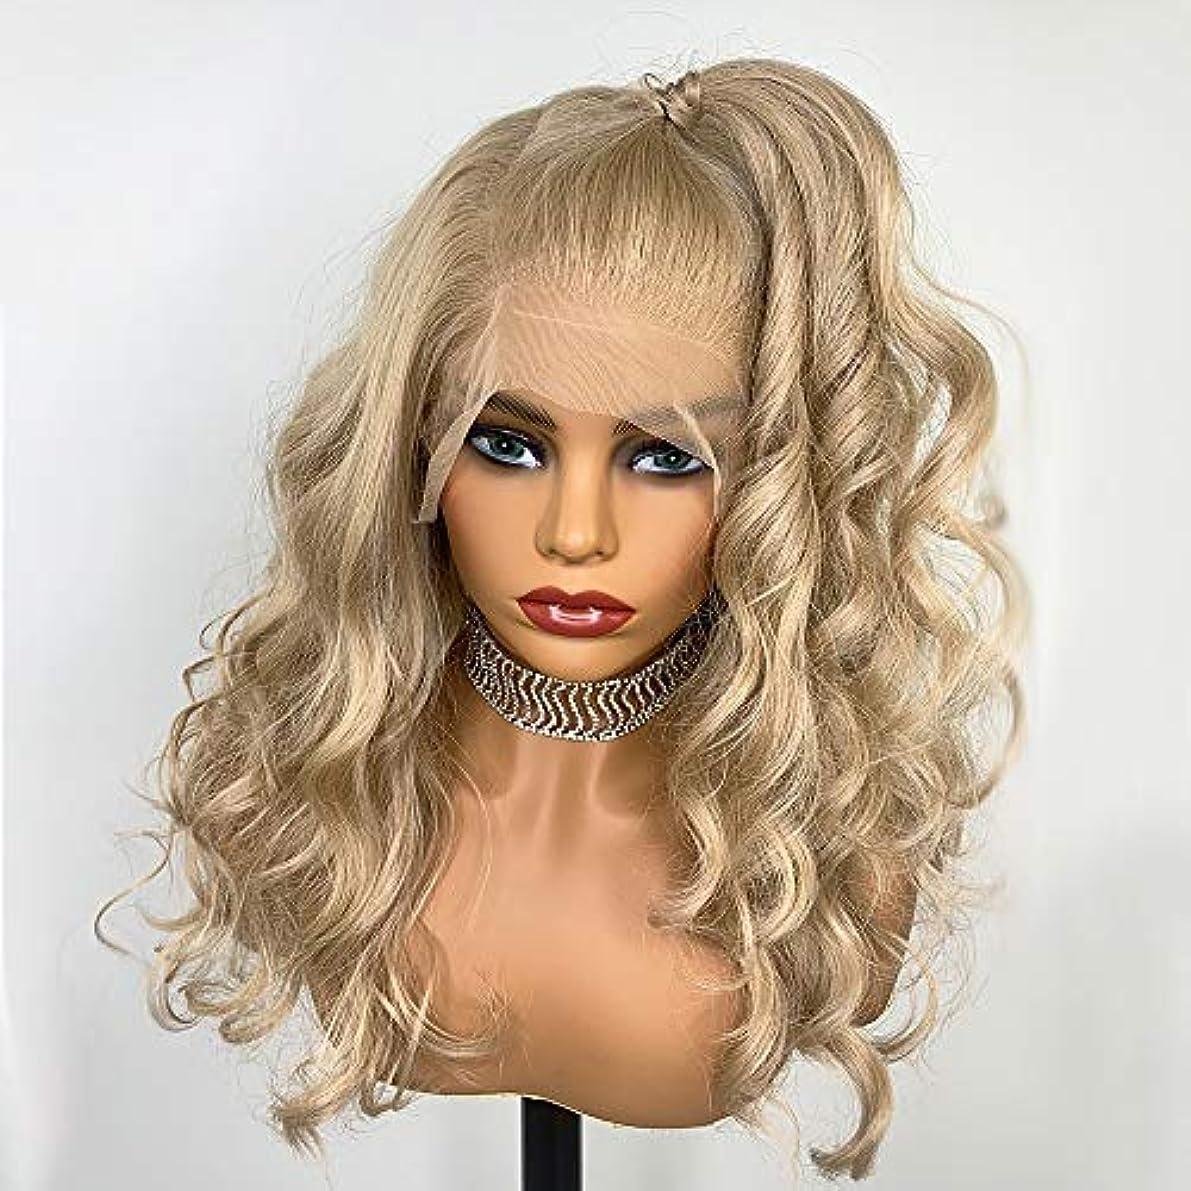 絡まるしかしシェード女性の好きなウィッグ 13x6女性の半分の手のための合成レースフロントブロンドのかつら縛ら耐熱性繊維髪の交換カーリーウィッグ150Density (Color : Blonde, Stretched Length : 22inches)